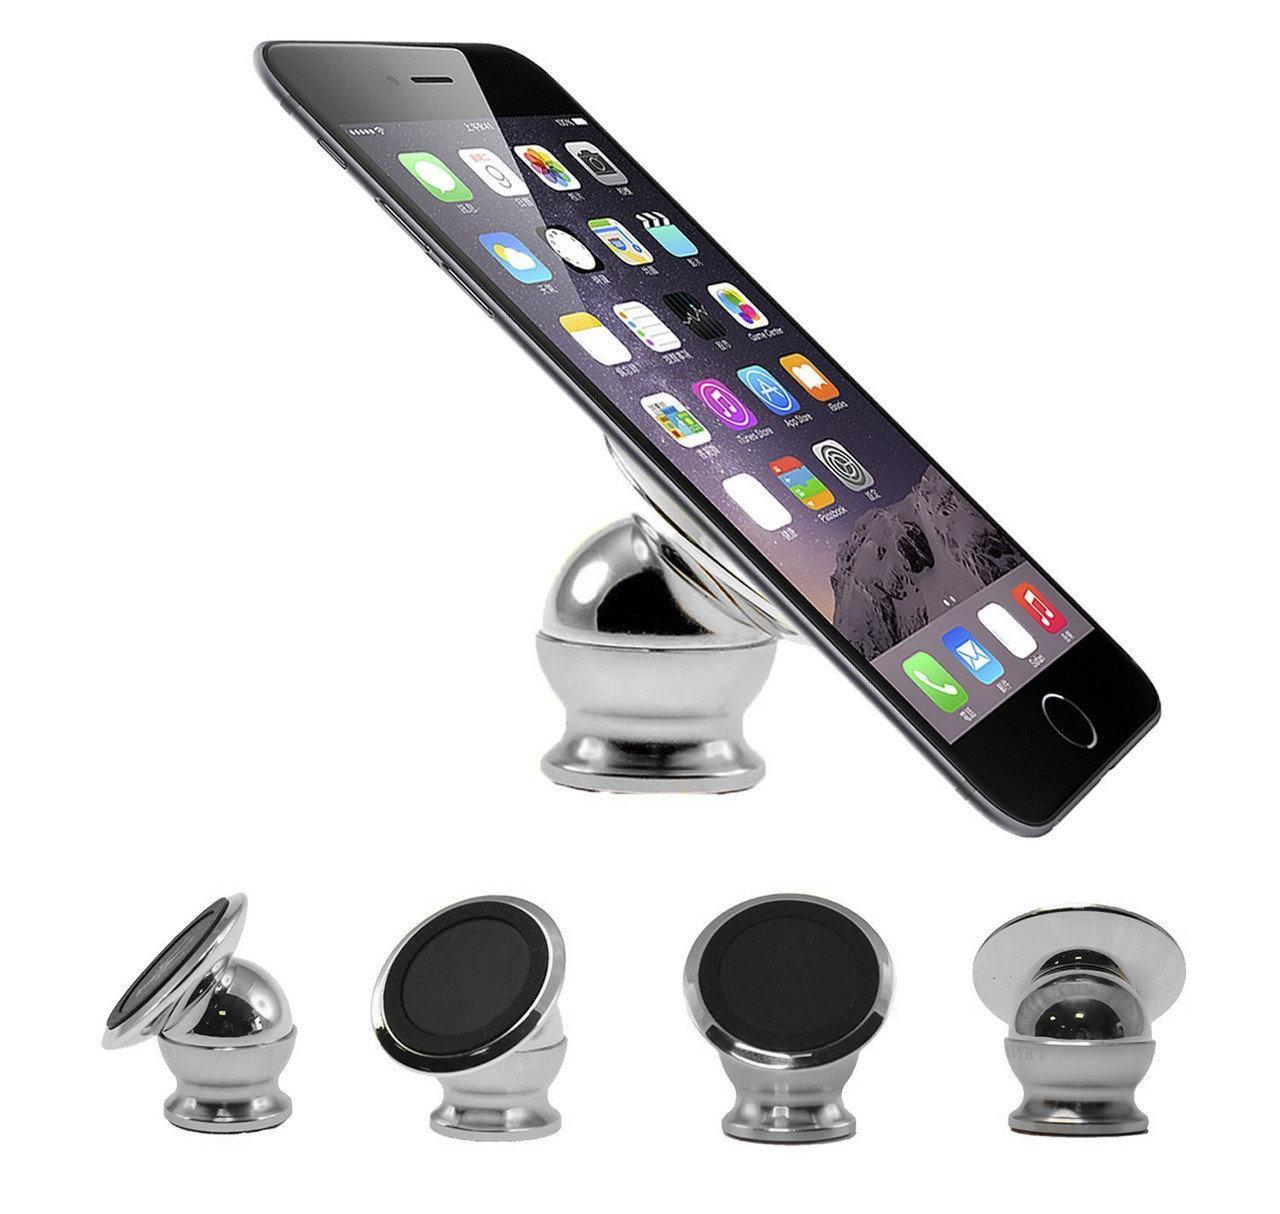 Держатель для телефона в машину на магните, Mobile Bracket, подставка для телефона.Черный (ST)